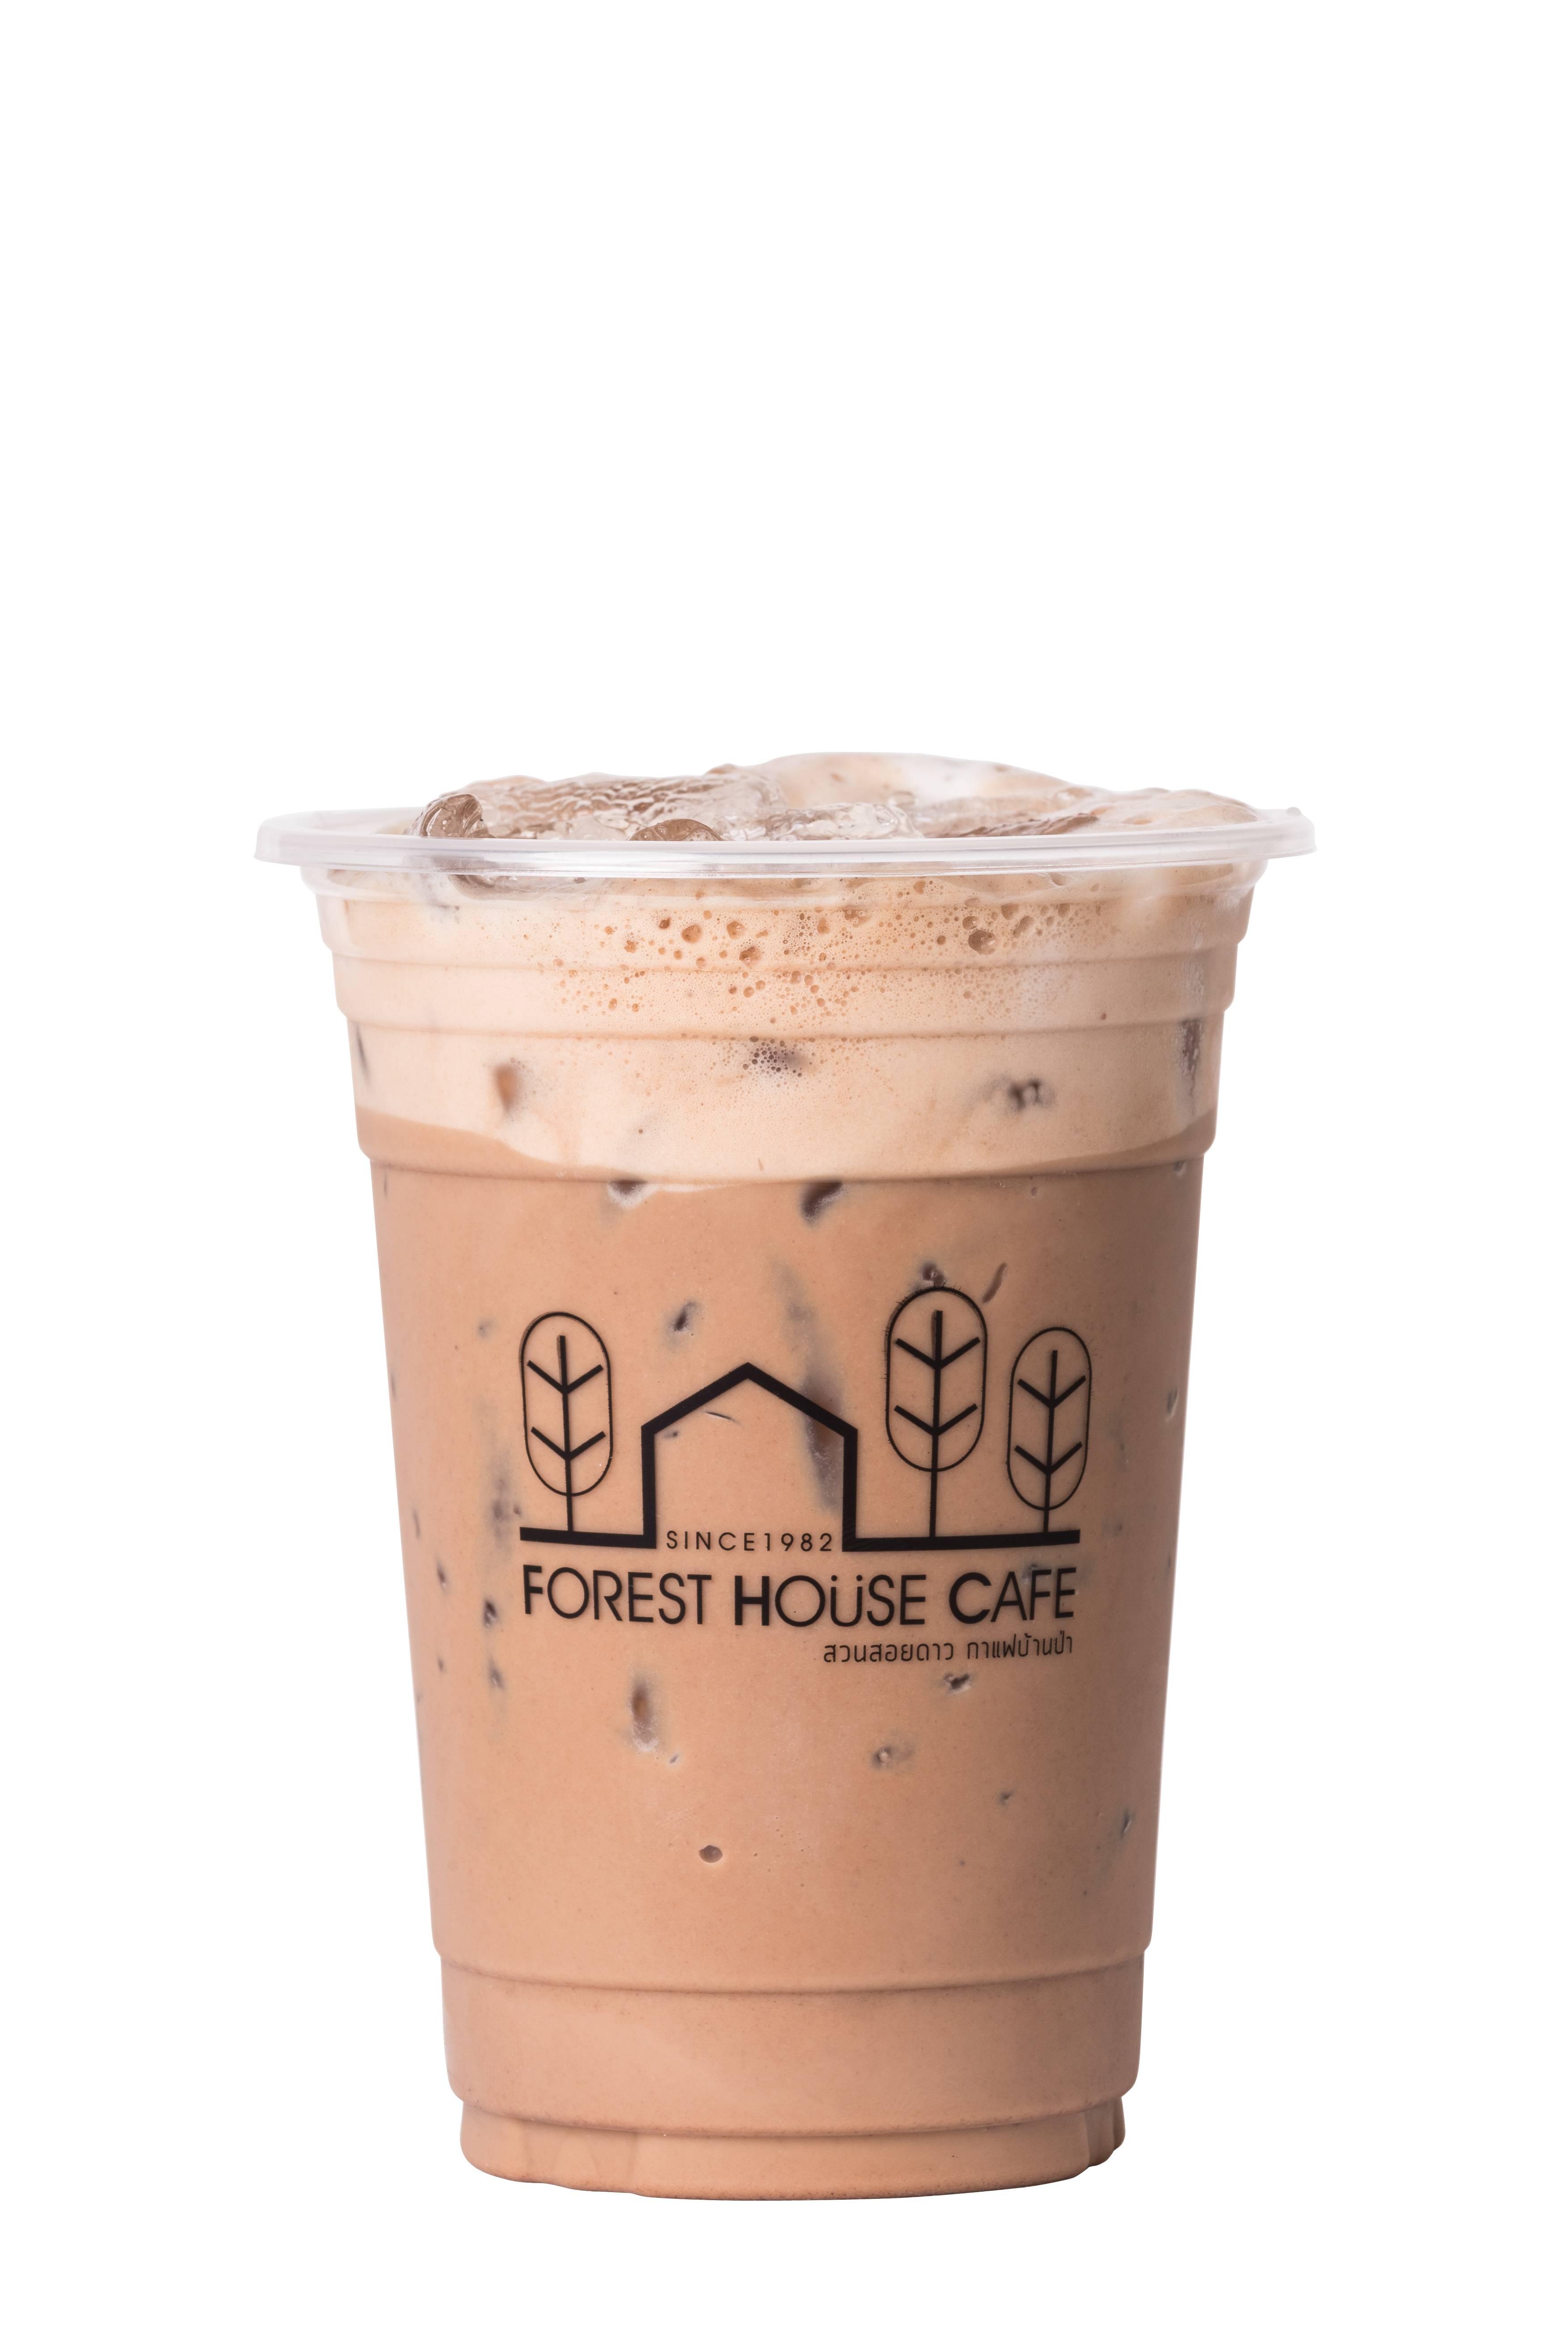 สกรีนแก้วกาแฟ ร้าน Forest House